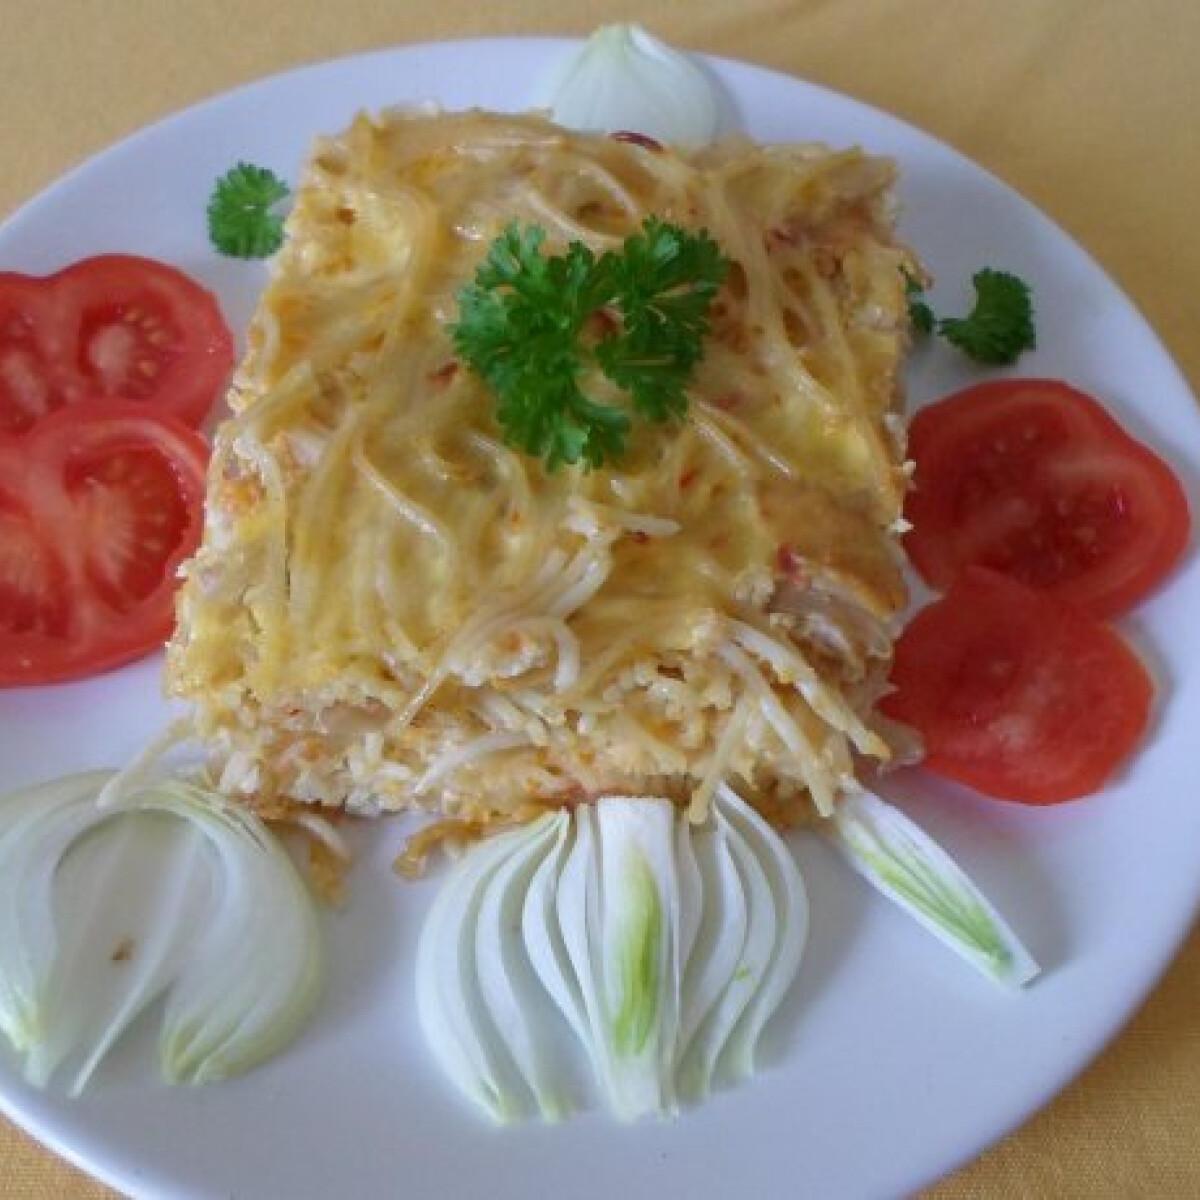 Lecsós-tojásos spagetti